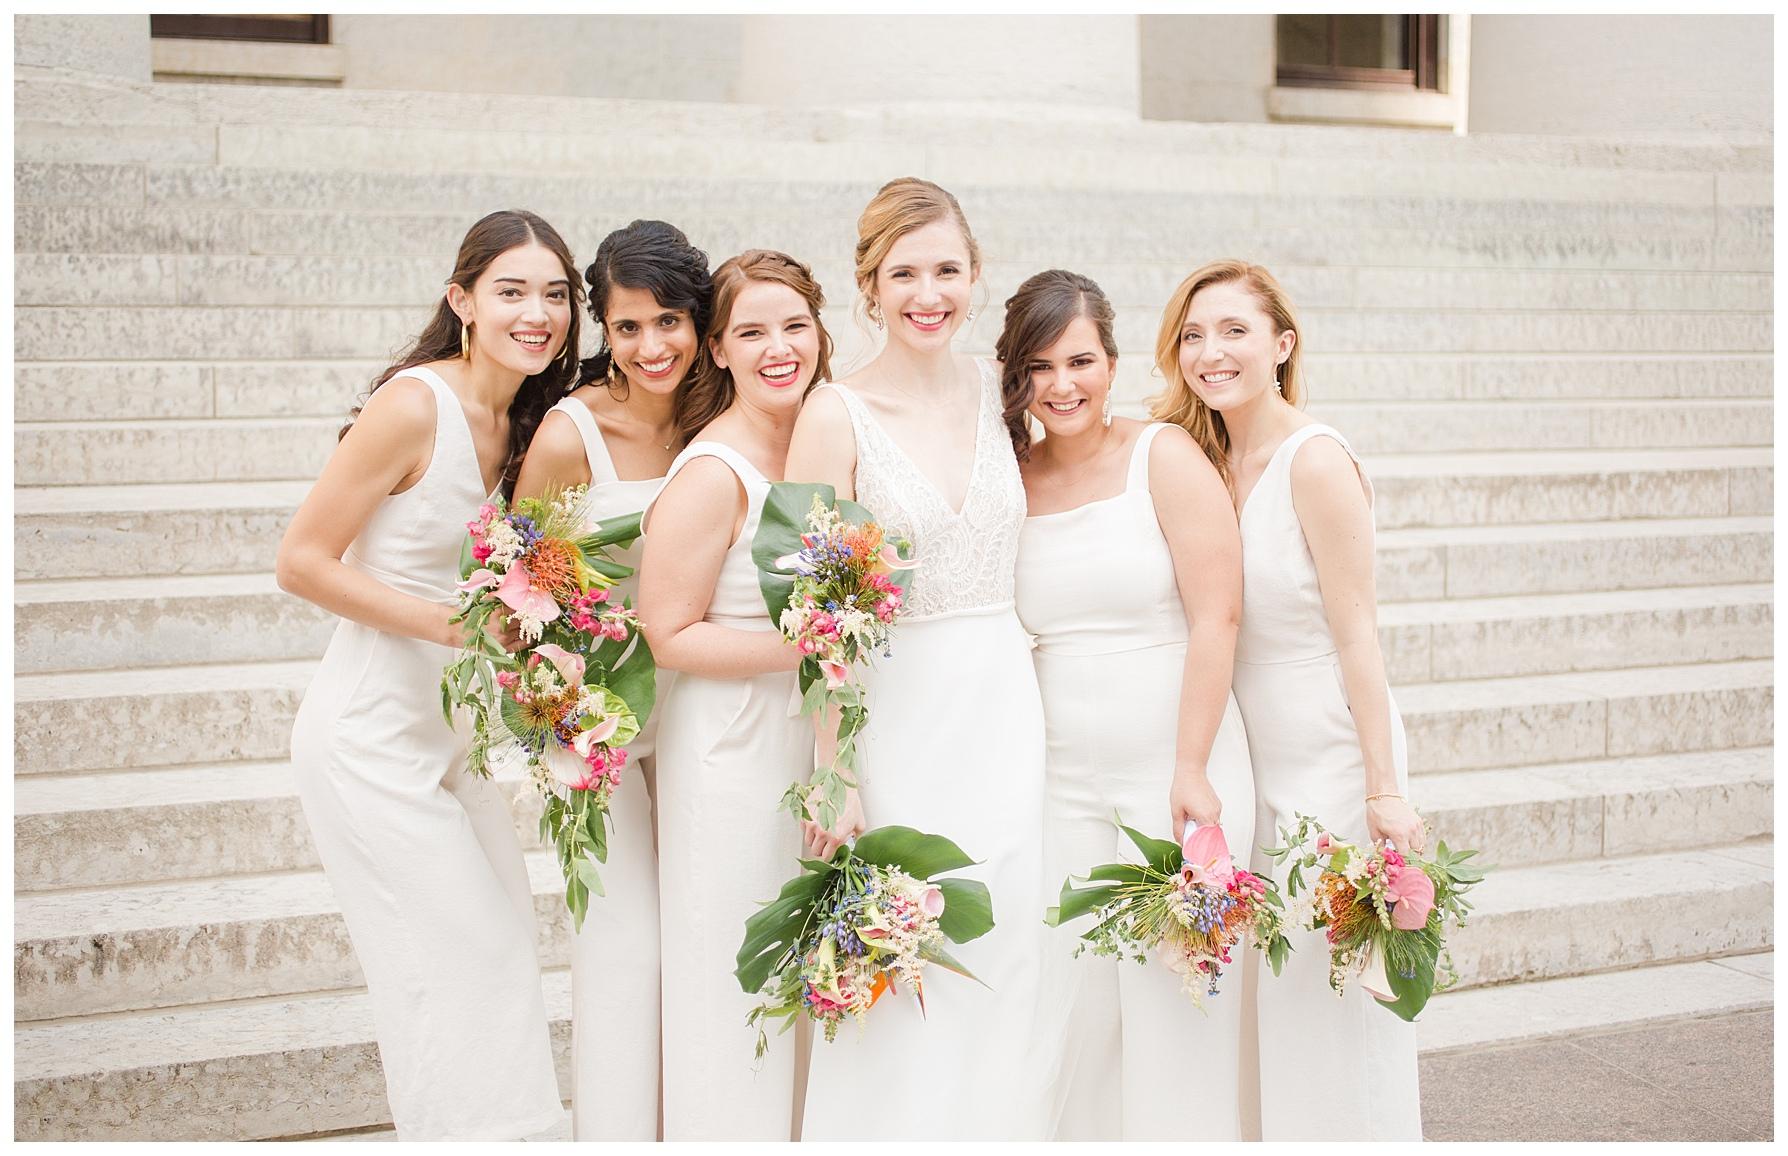 ohio-statehouse-columbus-wedding_0002.jpg